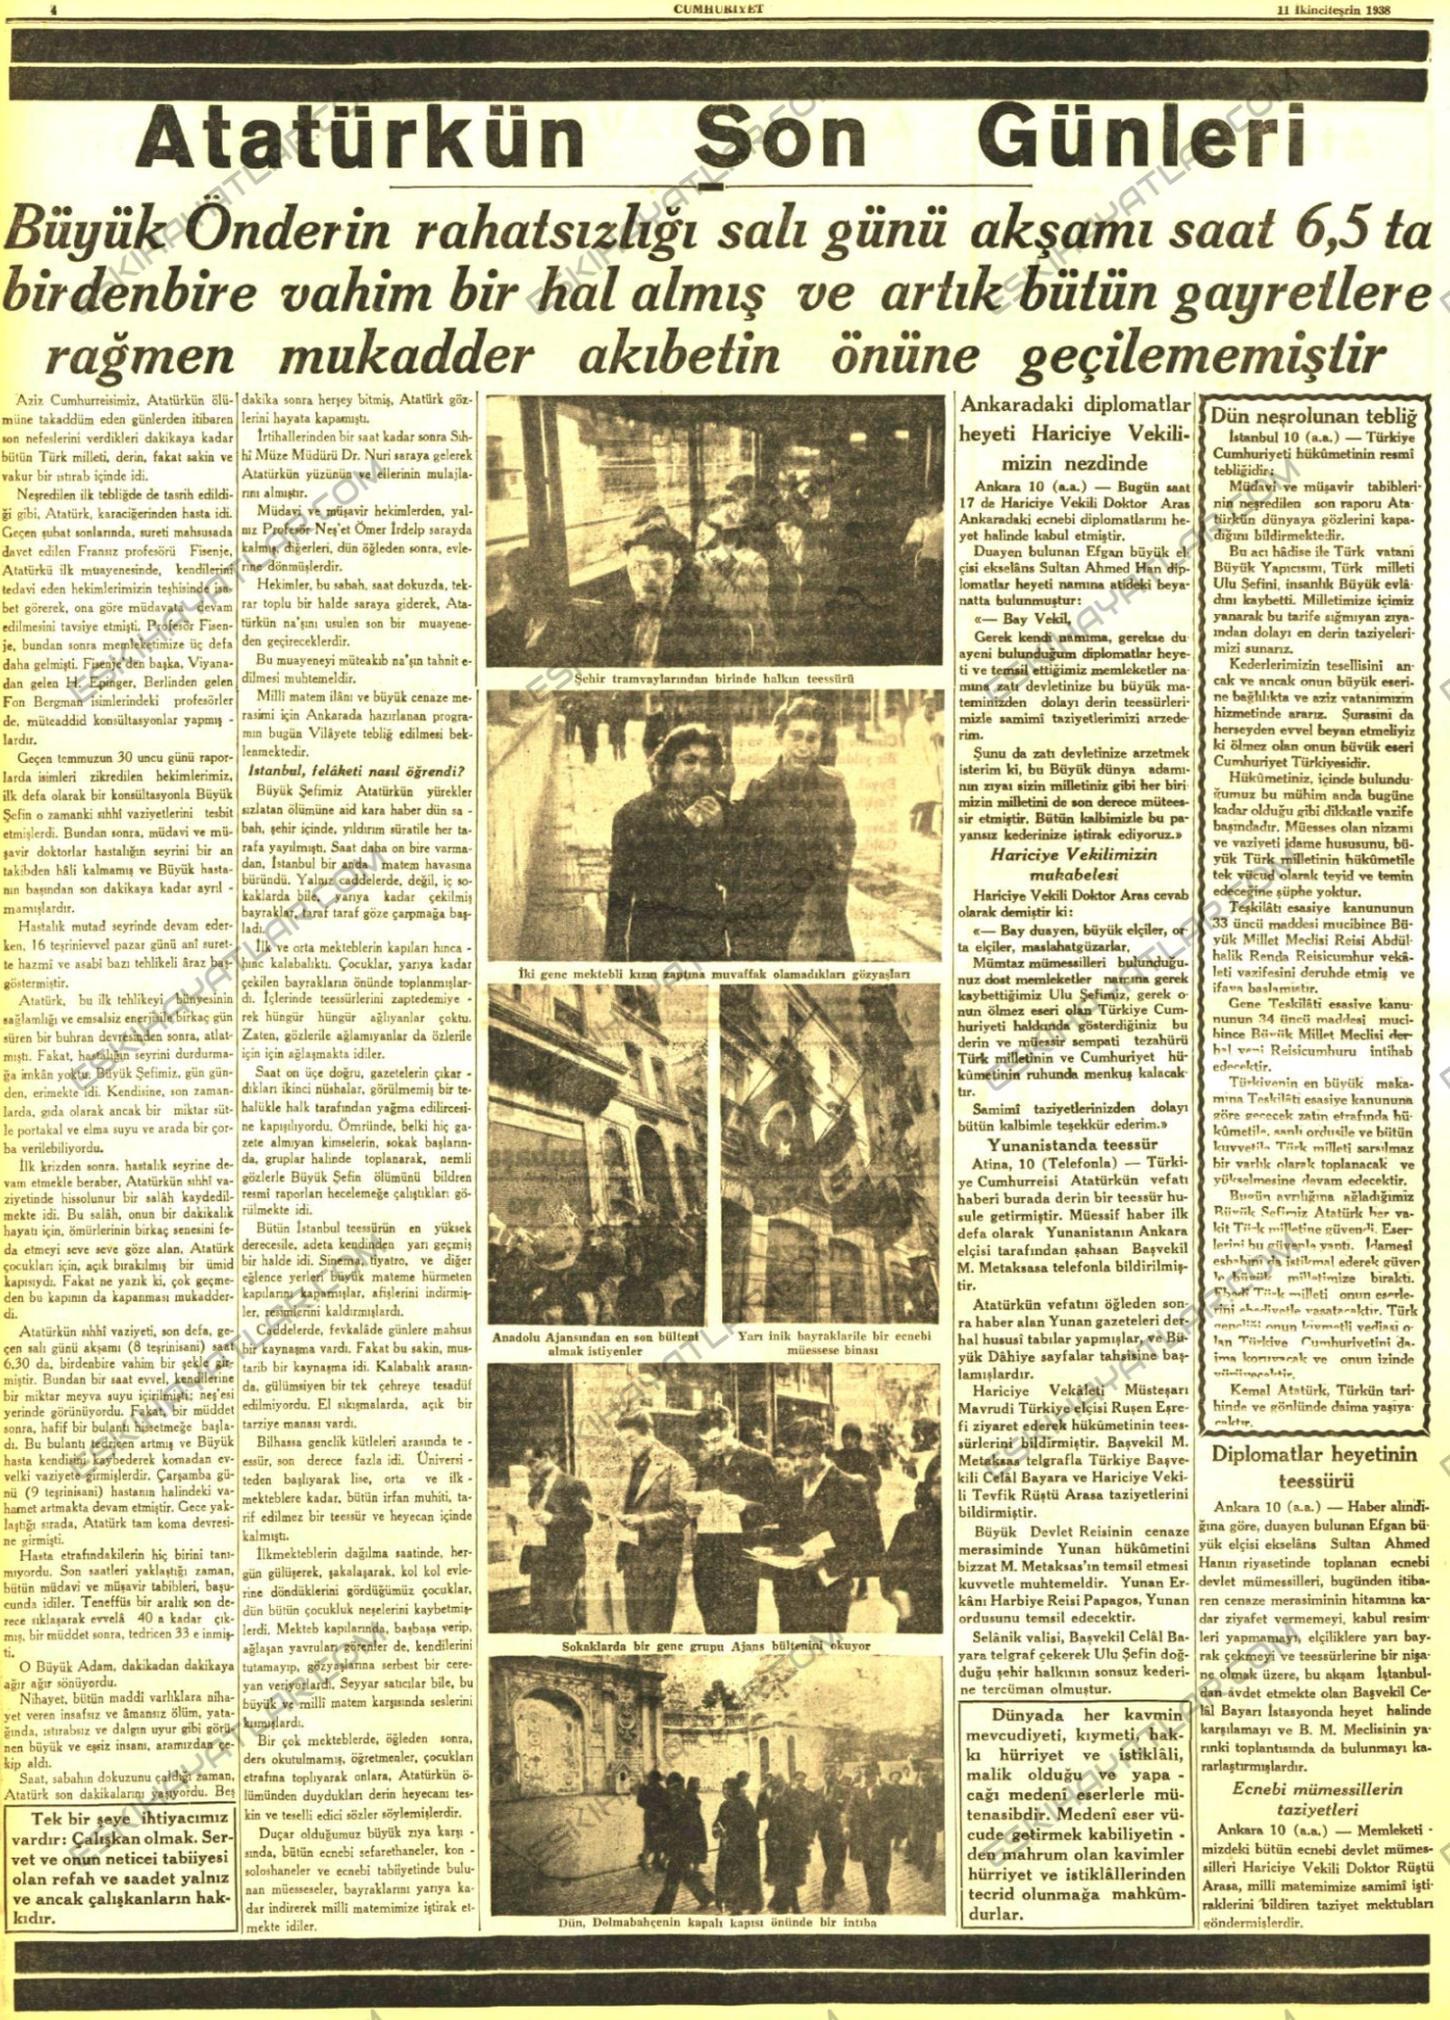 mustafa-kemal-ataturk-un-oldugu-gun-cikan-gazeteler-1938-yilinin-gazeteleri (4)